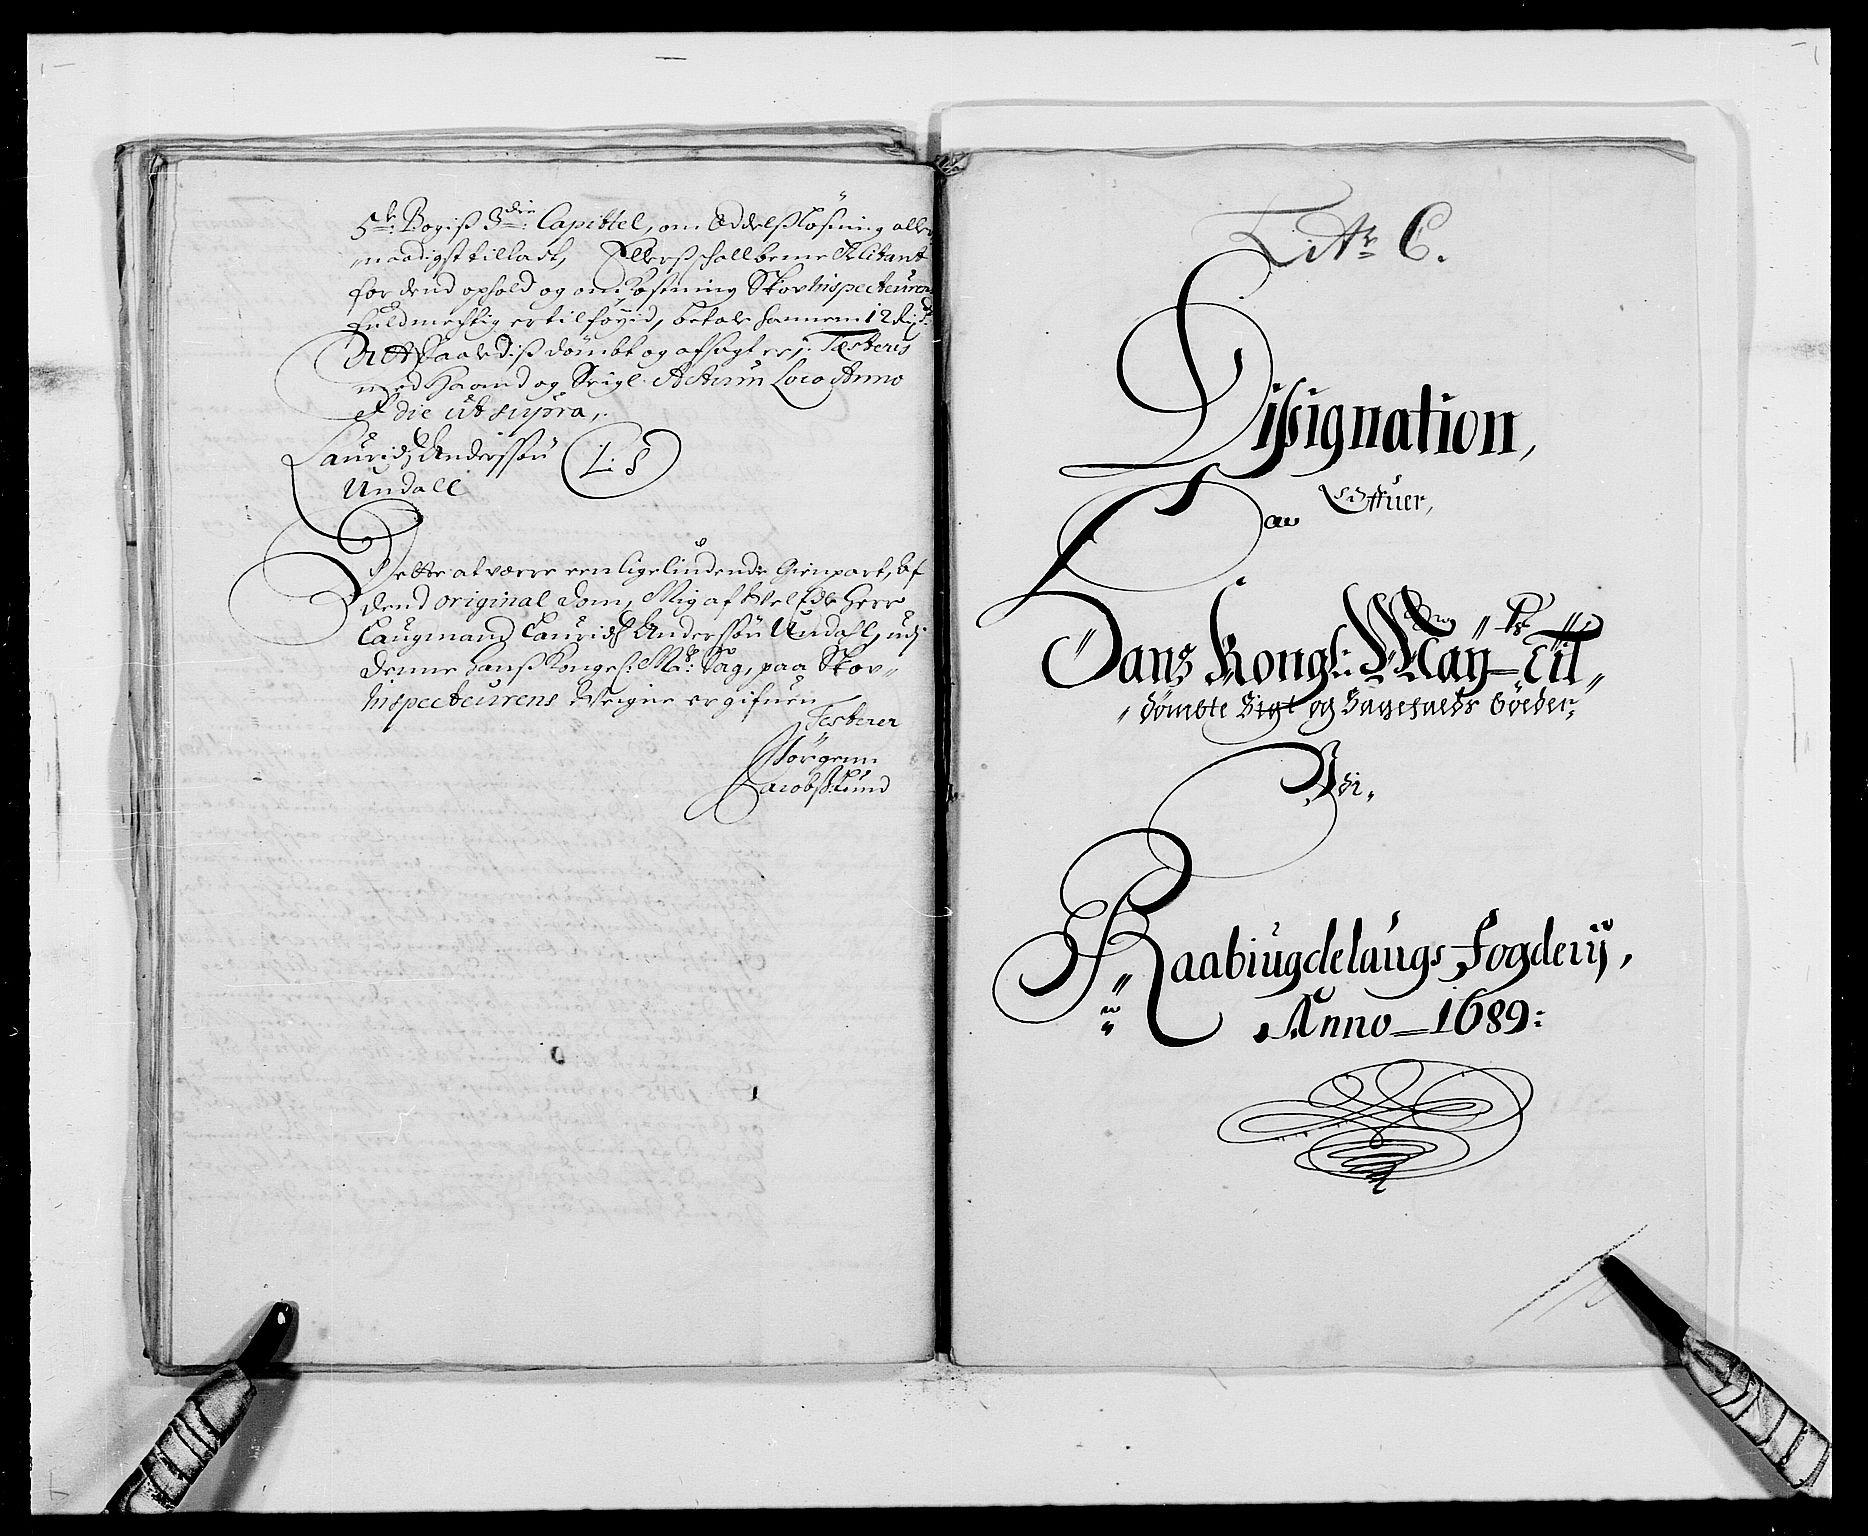 RA, Rentekammeret inntil 1814, Reviderte regnskaper, Fogderegnskap, R40/L2442: Fogderegnskap Råbyggelag, 1689-1690, s. 46